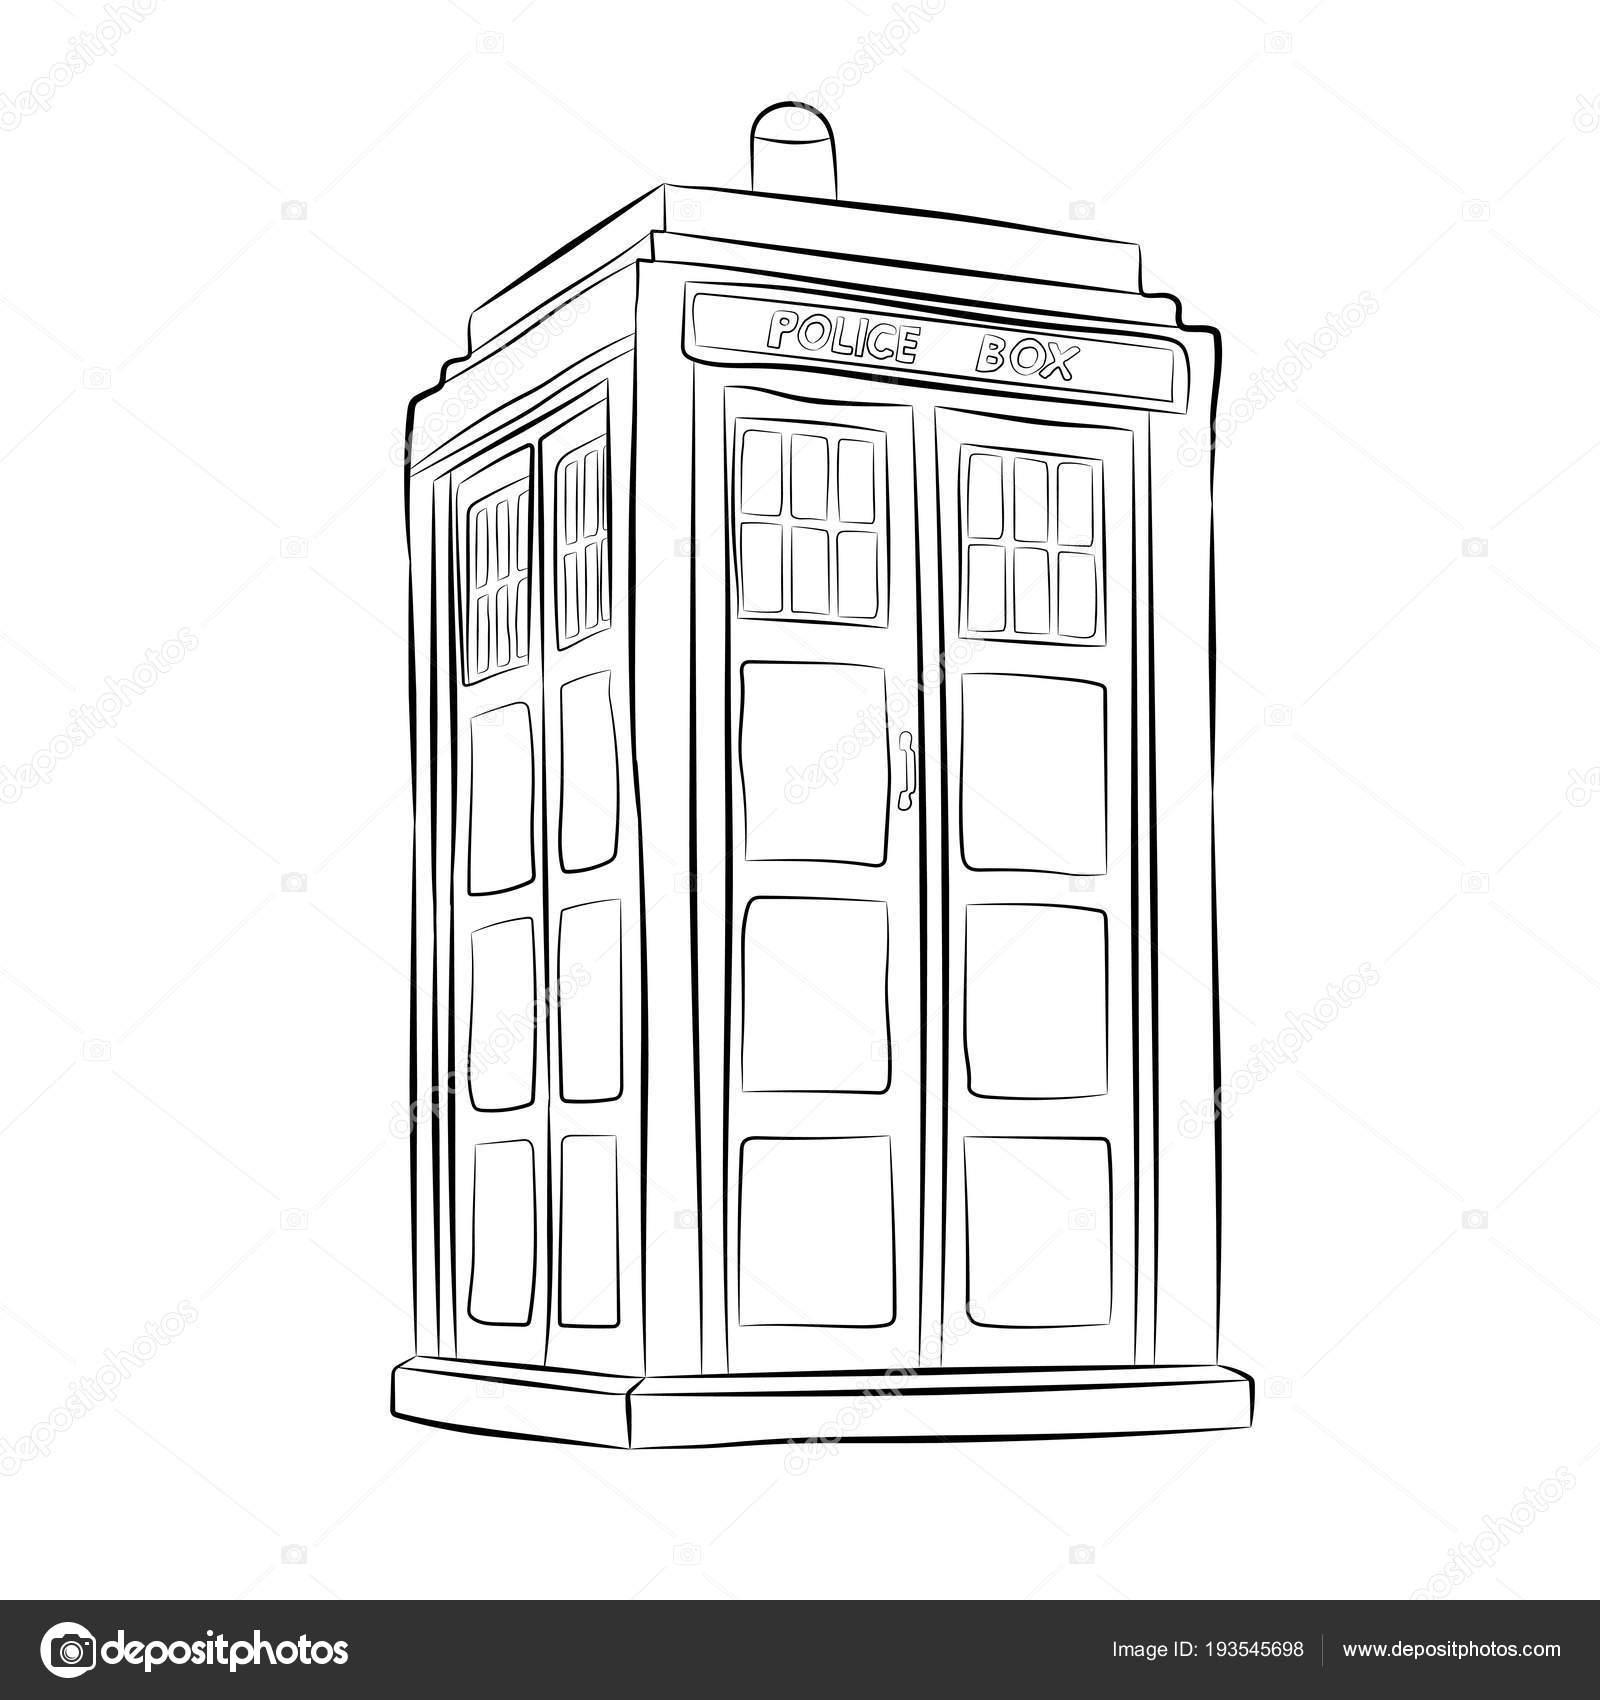 Policie Box Kontury Kresby Tuzkou Stock Vektor C V Lab 193545698